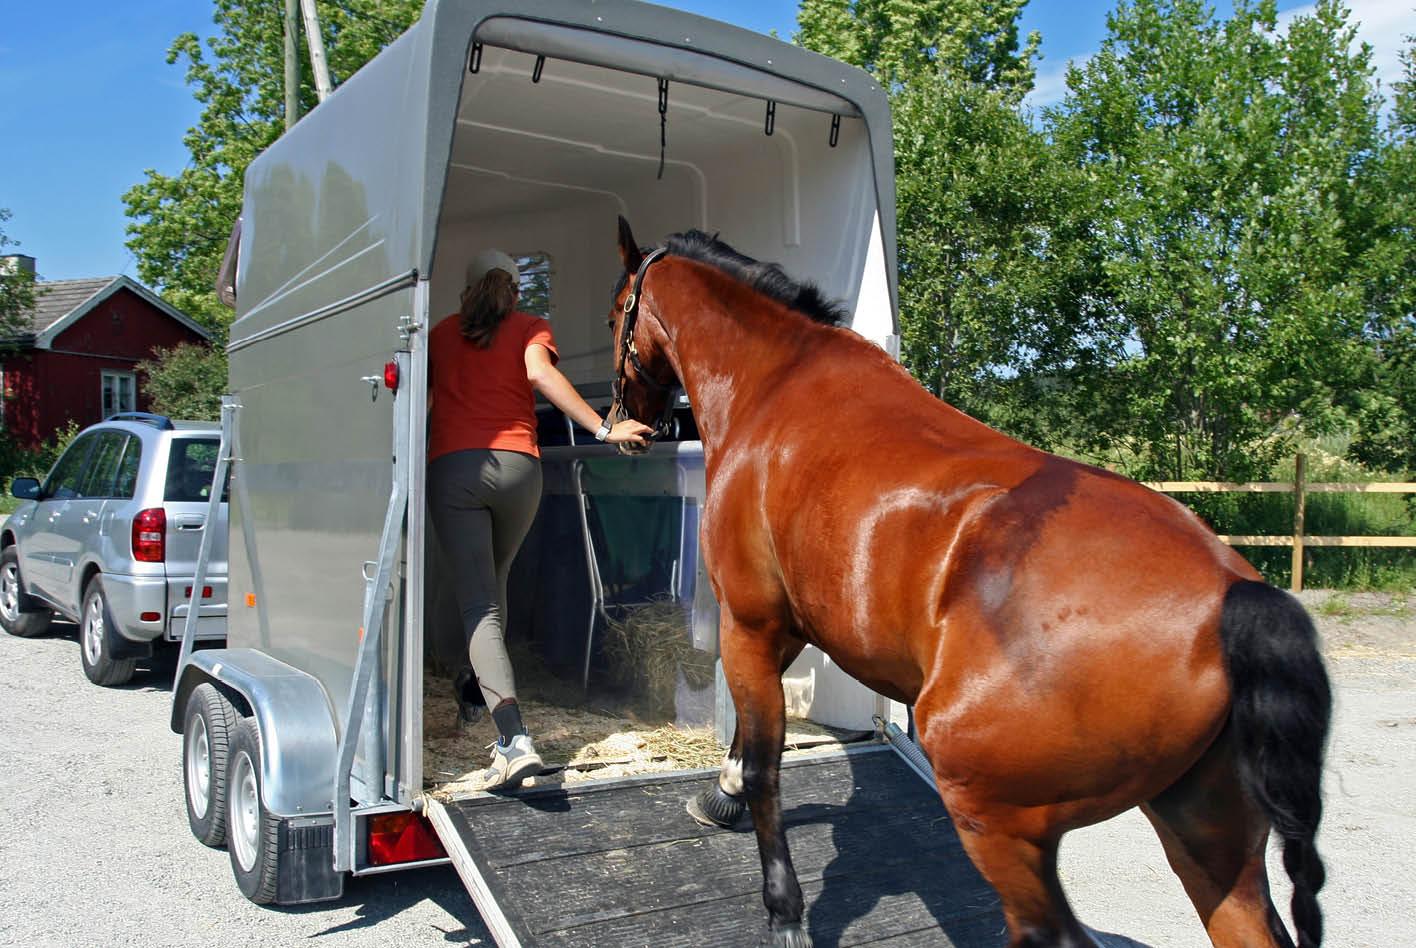 Gewerblicher Tiertransport unterliegt in Deutschland der Tierschutztransportverordnung.